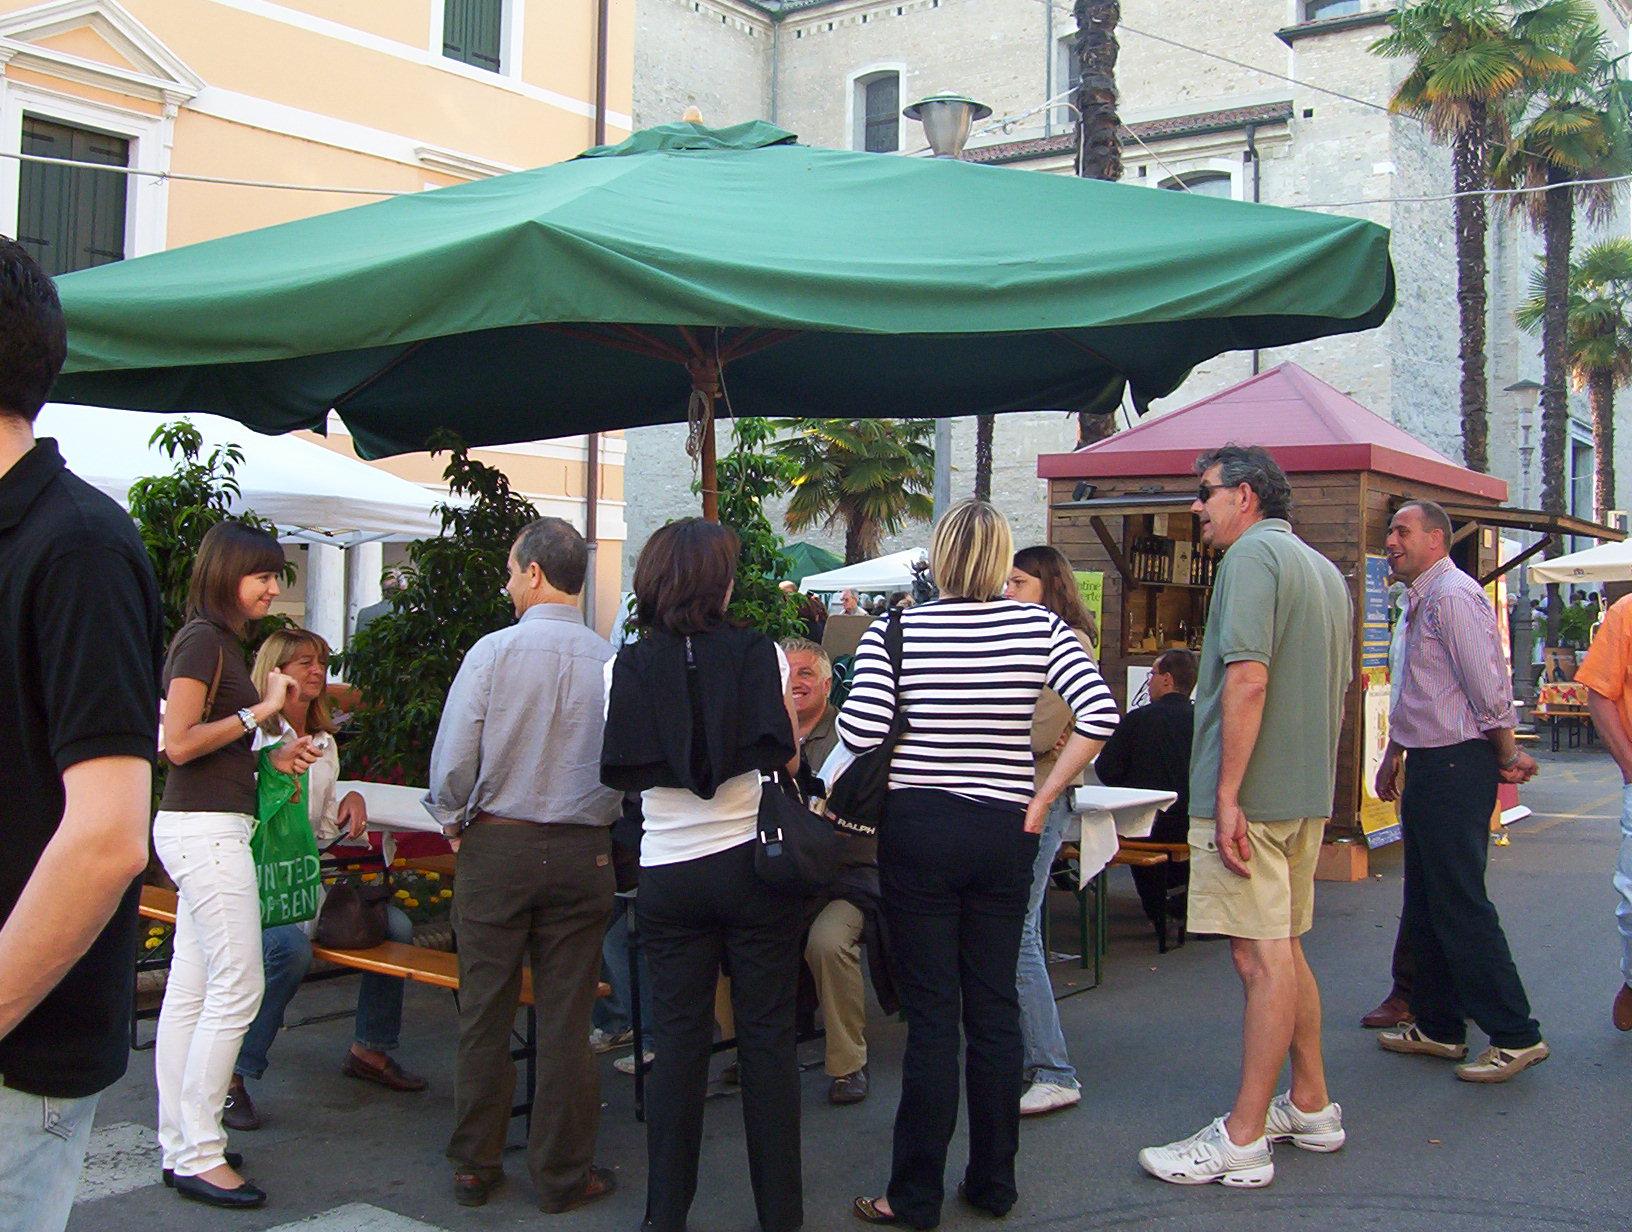 Conversazioni sotto l'ombrellone de Le Carline a Terre dei Dogi in Festa, a Portogruaro, Venezia